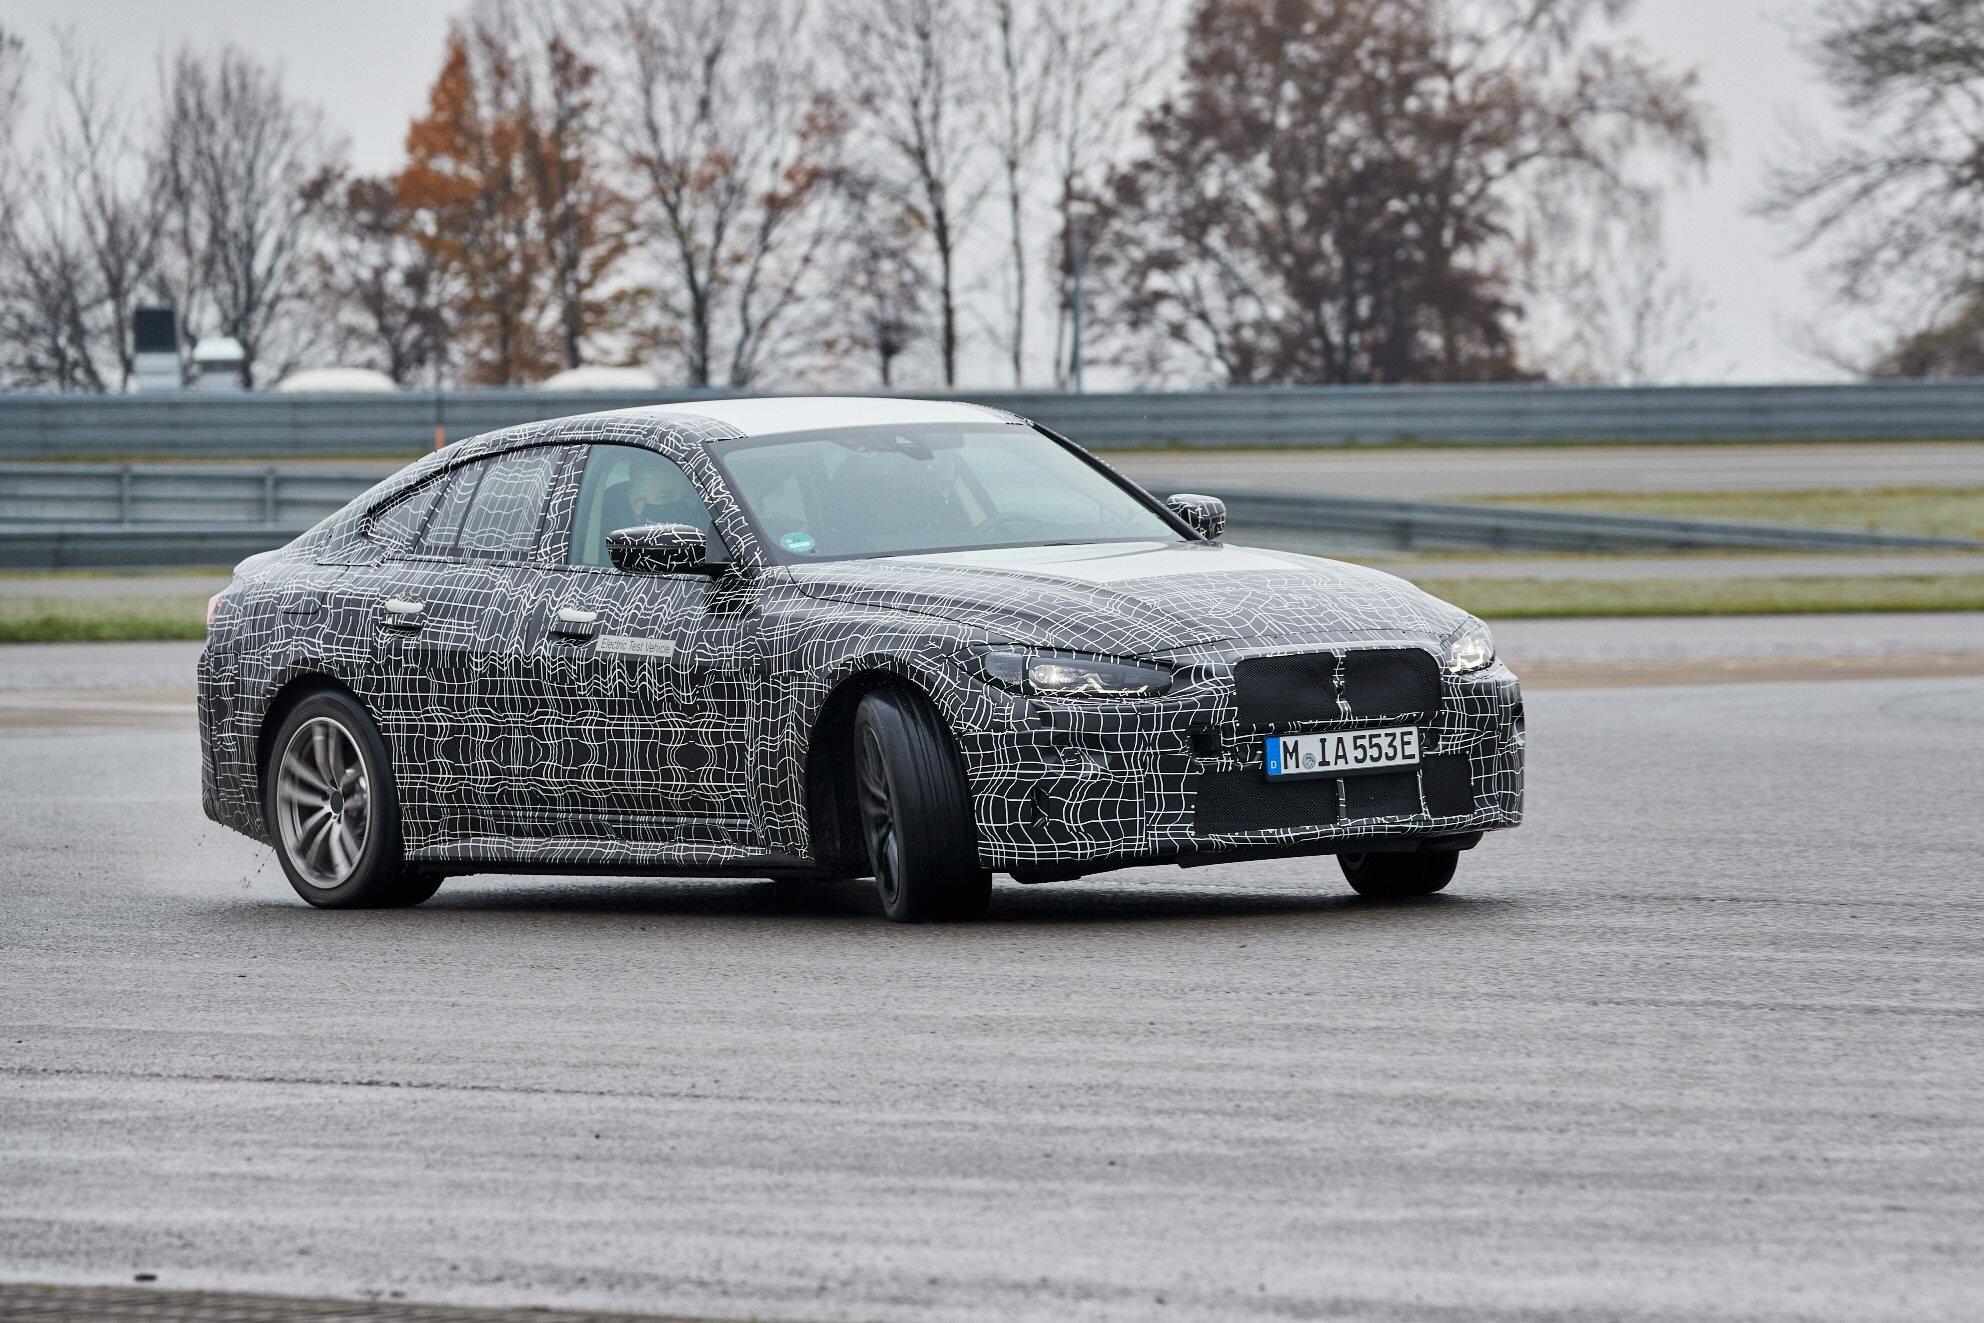 BMW i4 má obohacovat lokálně bezemisní mobilitu o čistou radost z jízdy